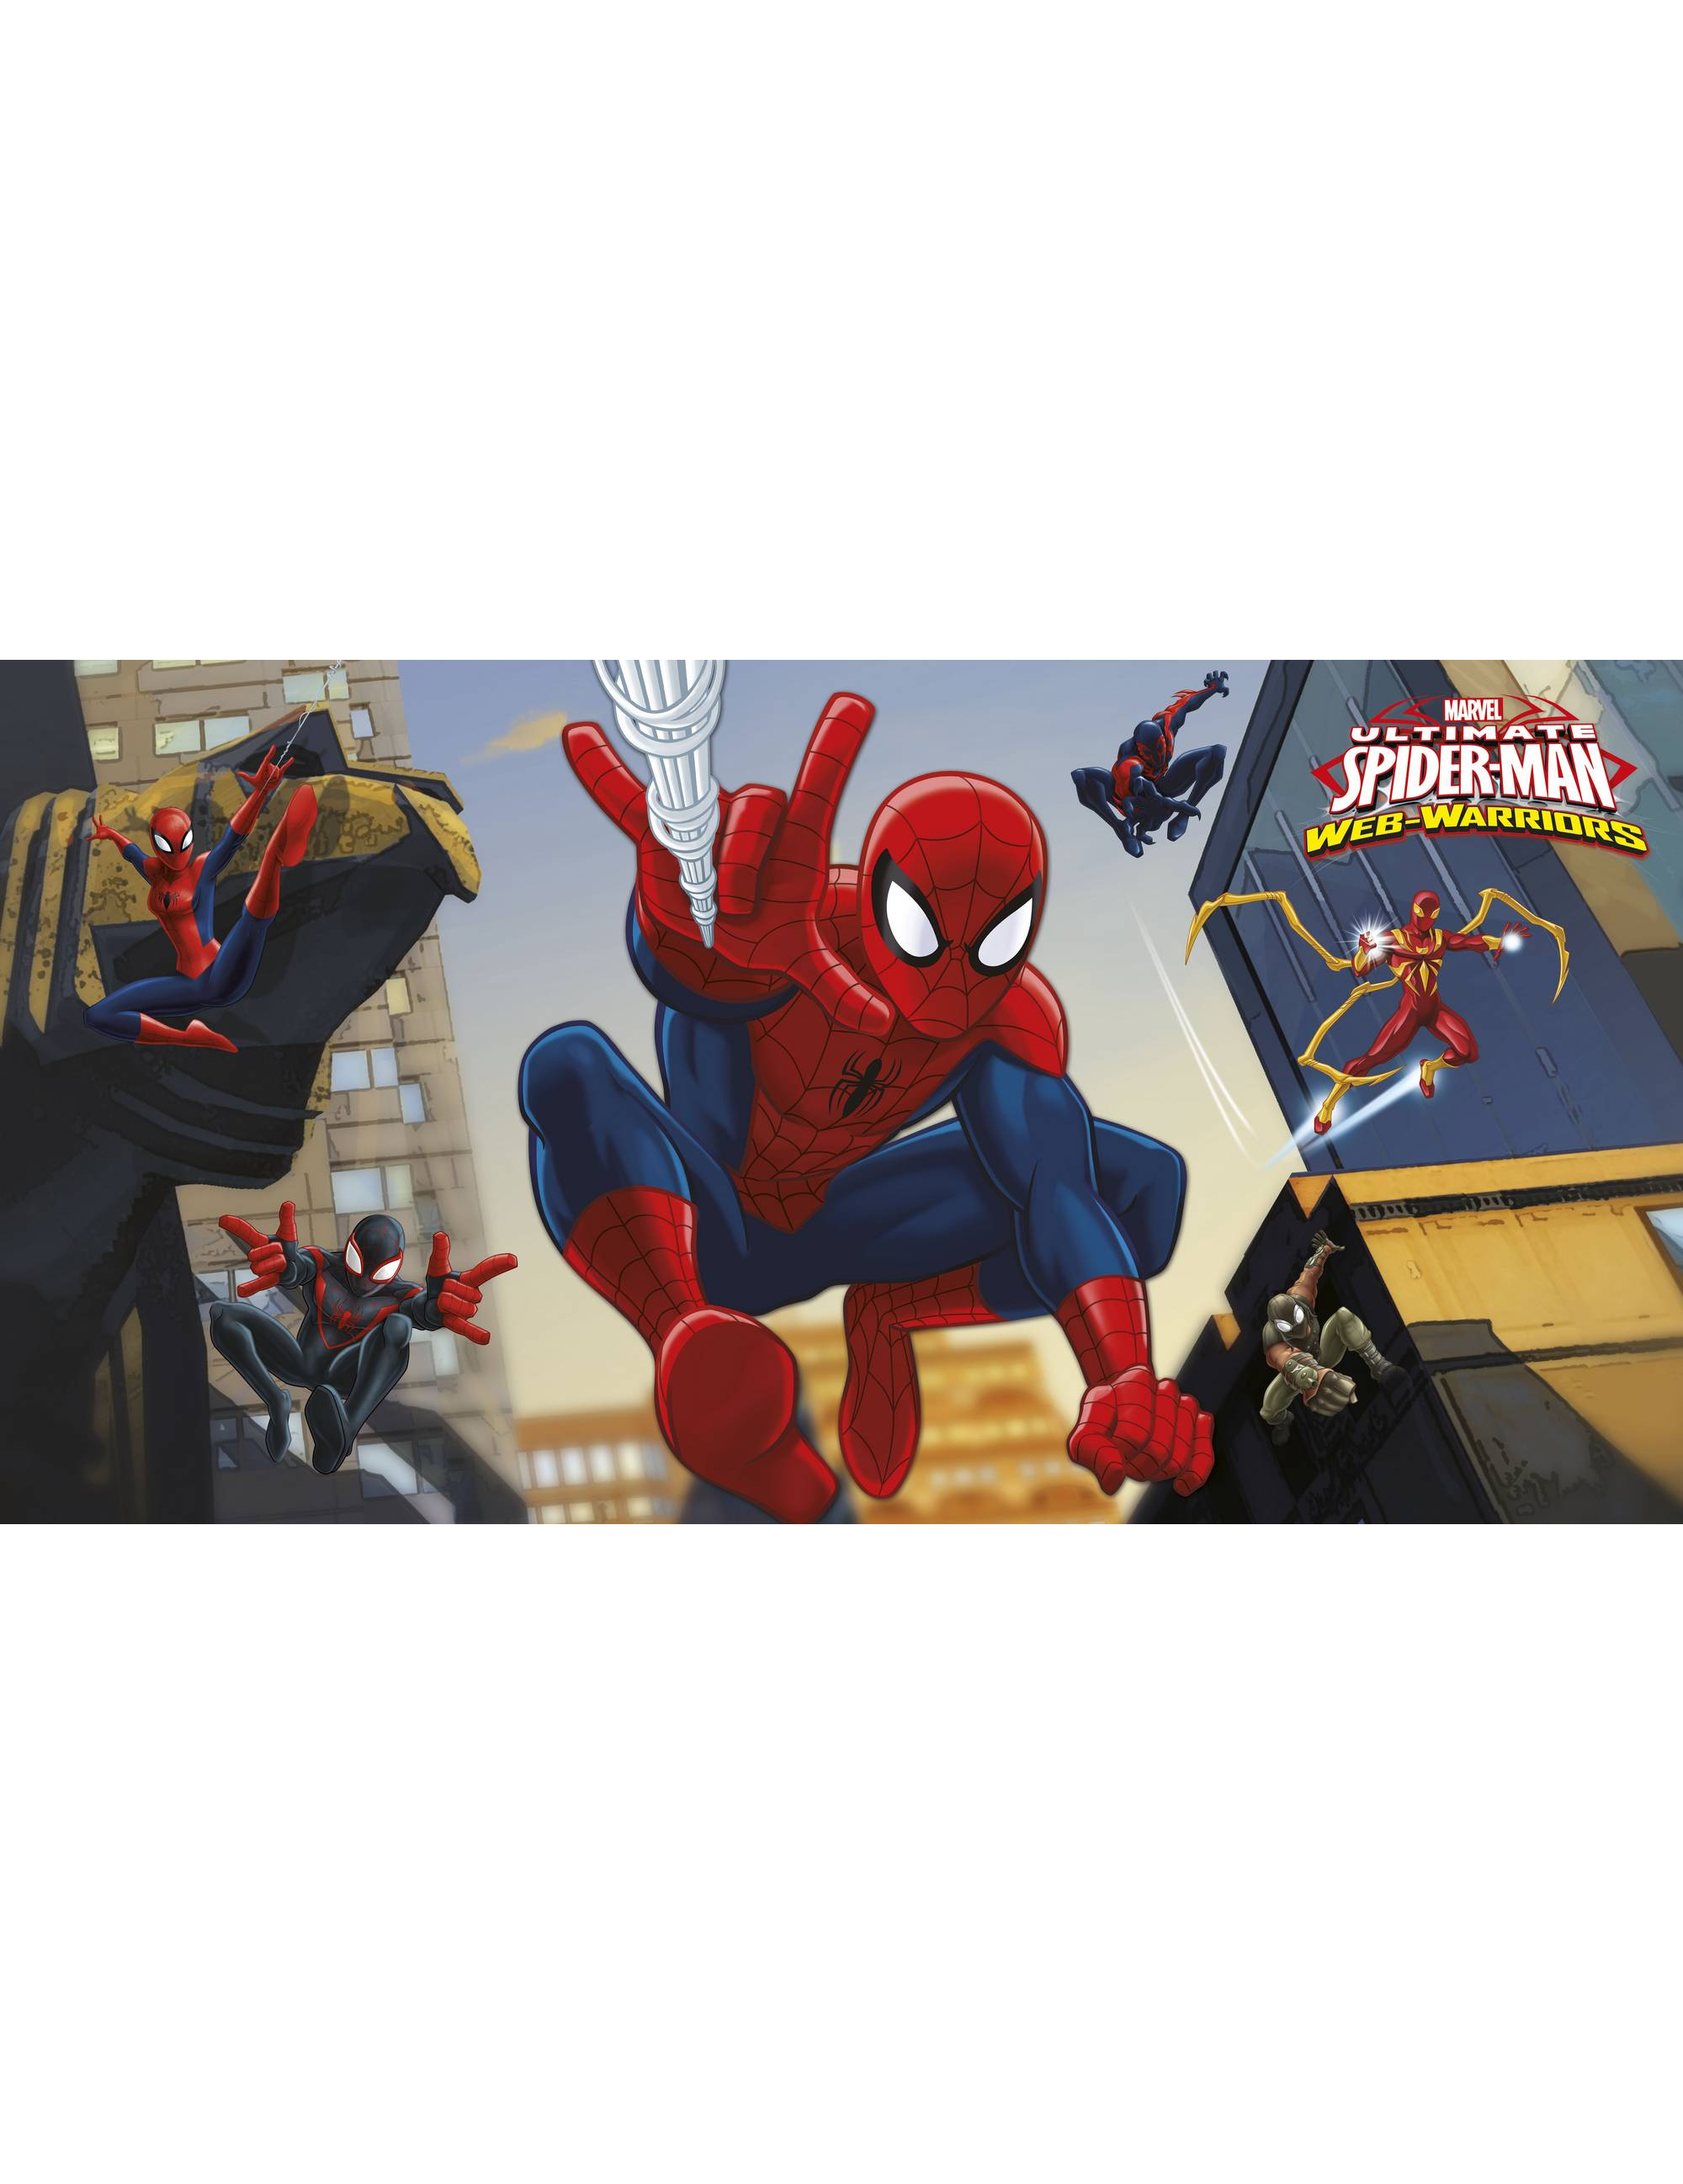 D coration murale spiderman 150 x 177 cm d coration anniversaire et f tes th me sur vegaoo - Deco anniversaire spiderman ...